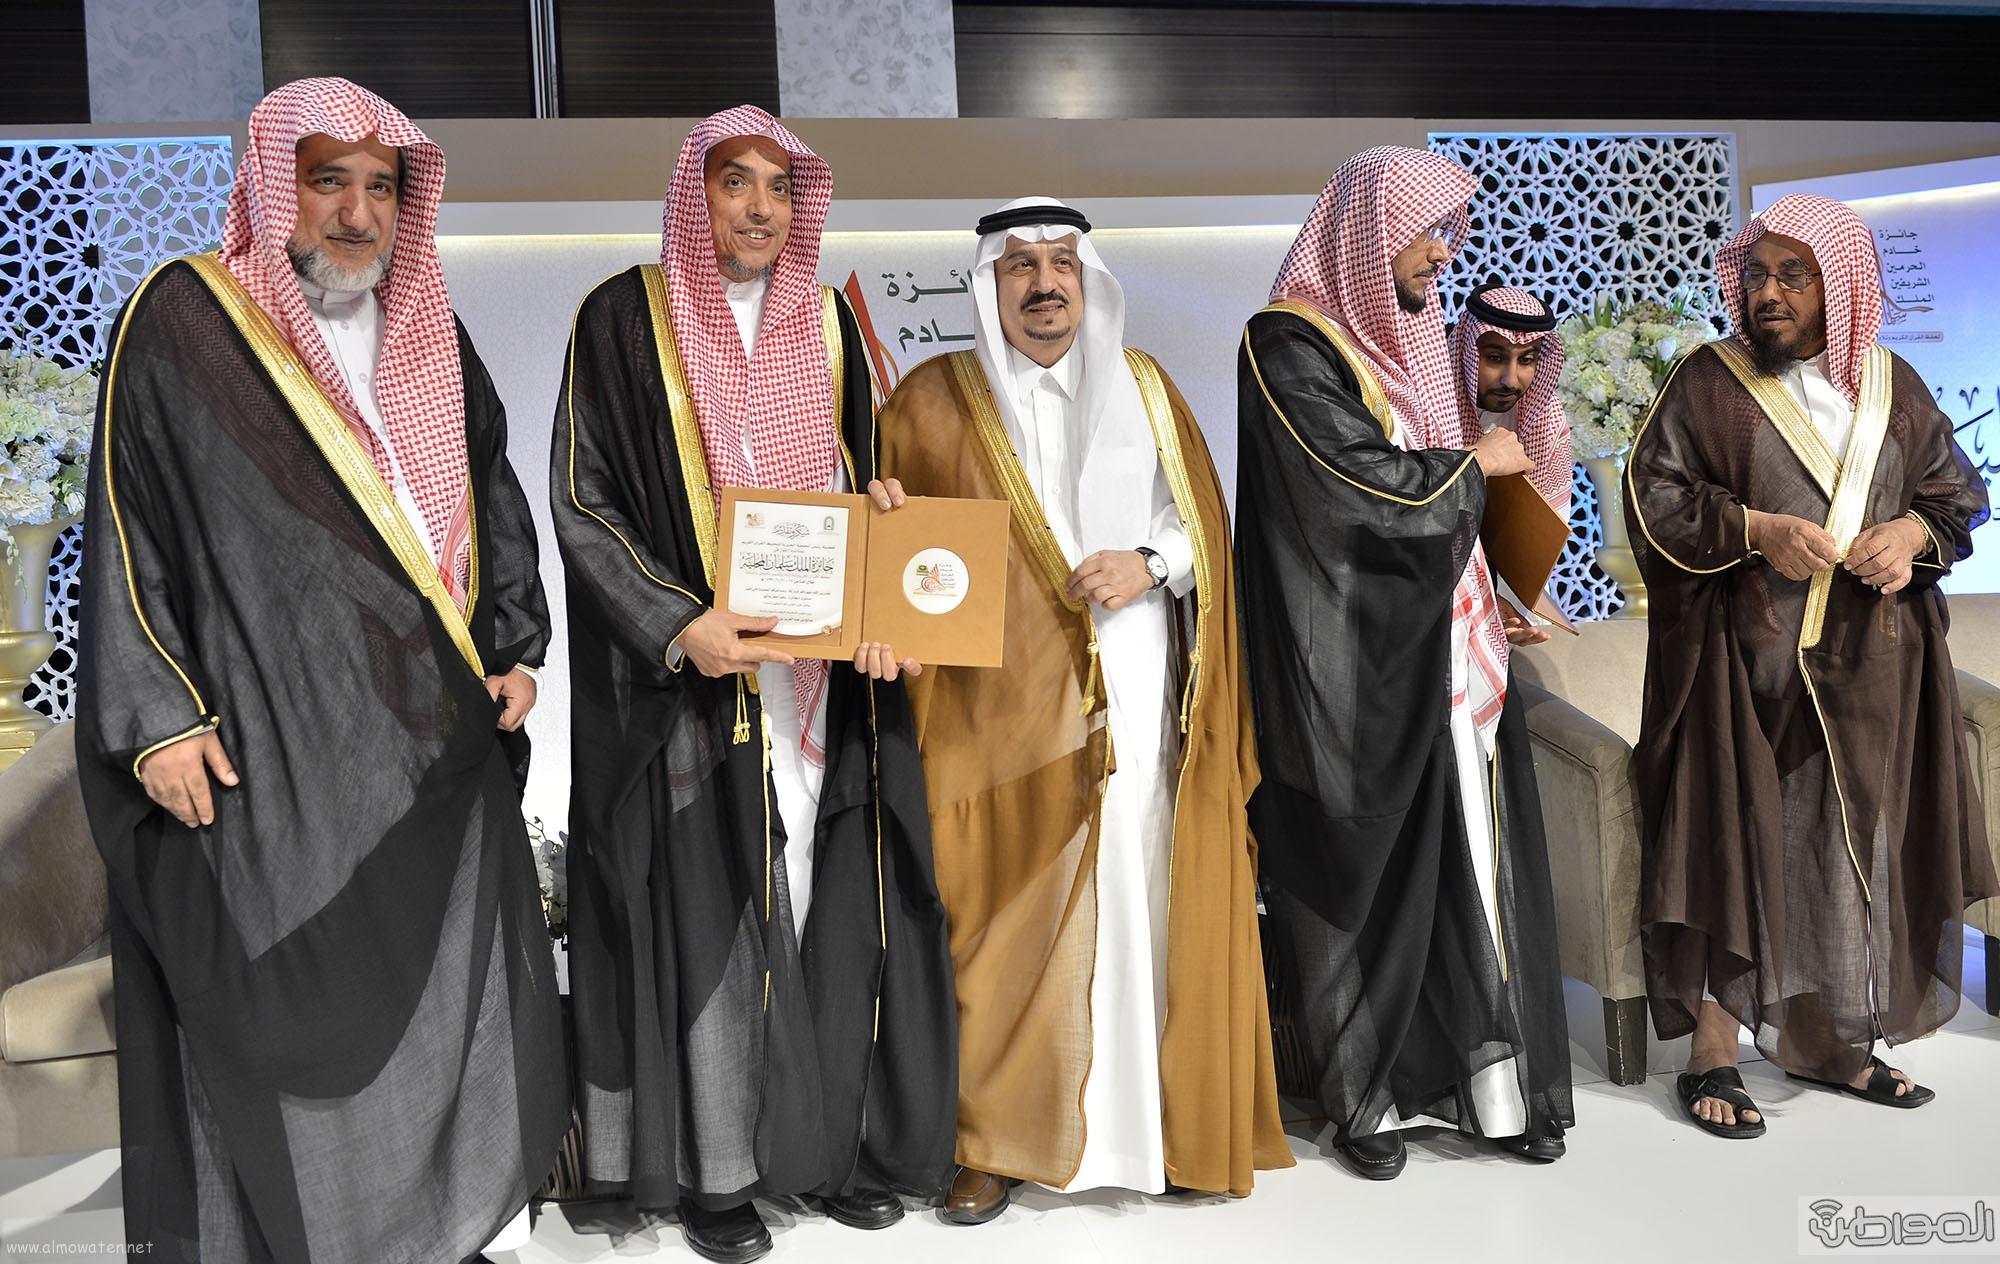 امير منطقة الرياض يرعى حفل اختتام مسابقة جائزة الملك سلمان لحفظ القران الكريم (22)